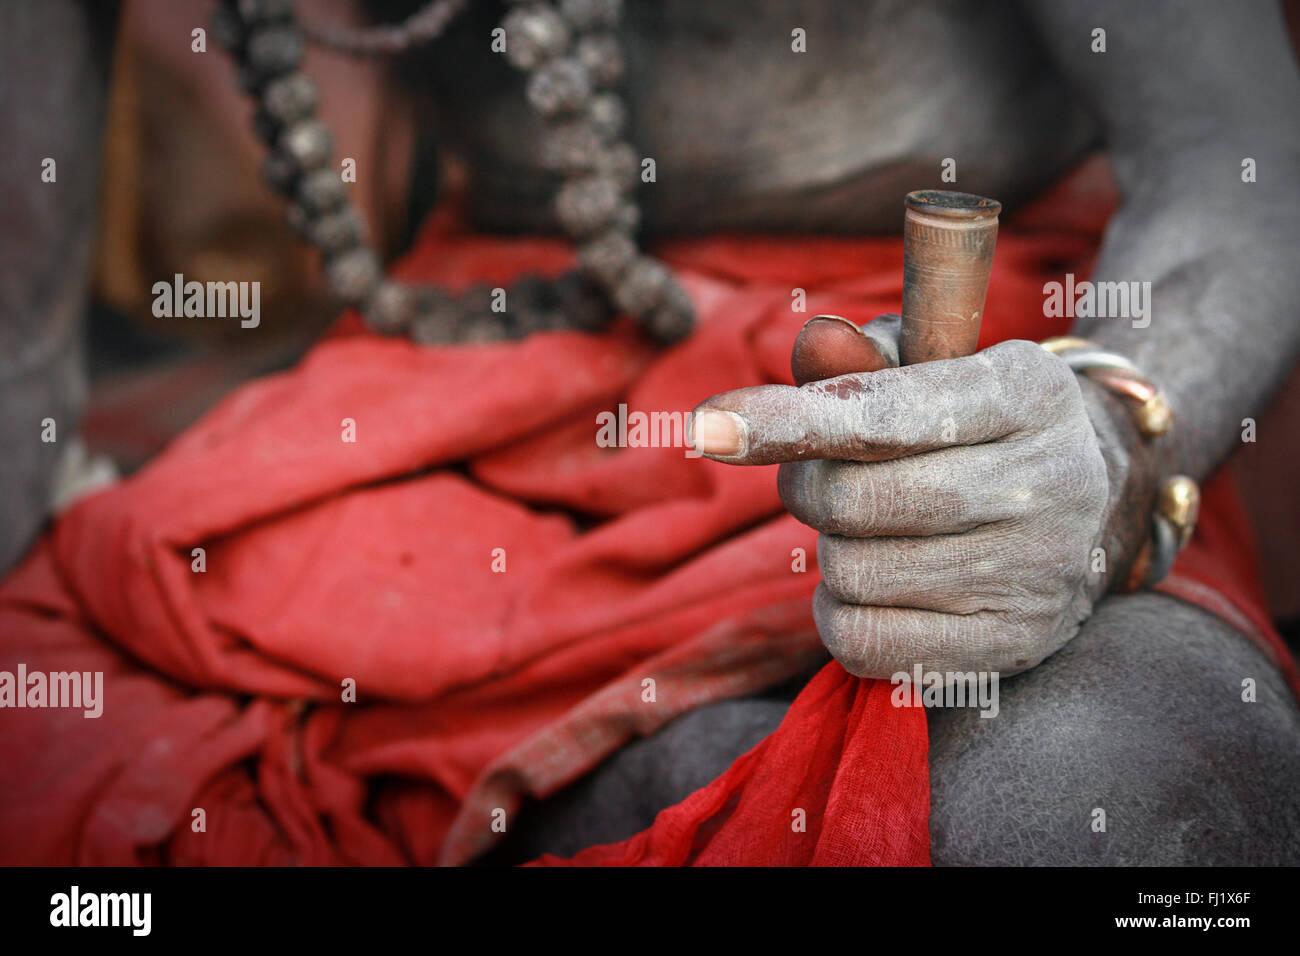 Smoking Chillum Stock Photos Smoking Chillum Stock Images Alamy